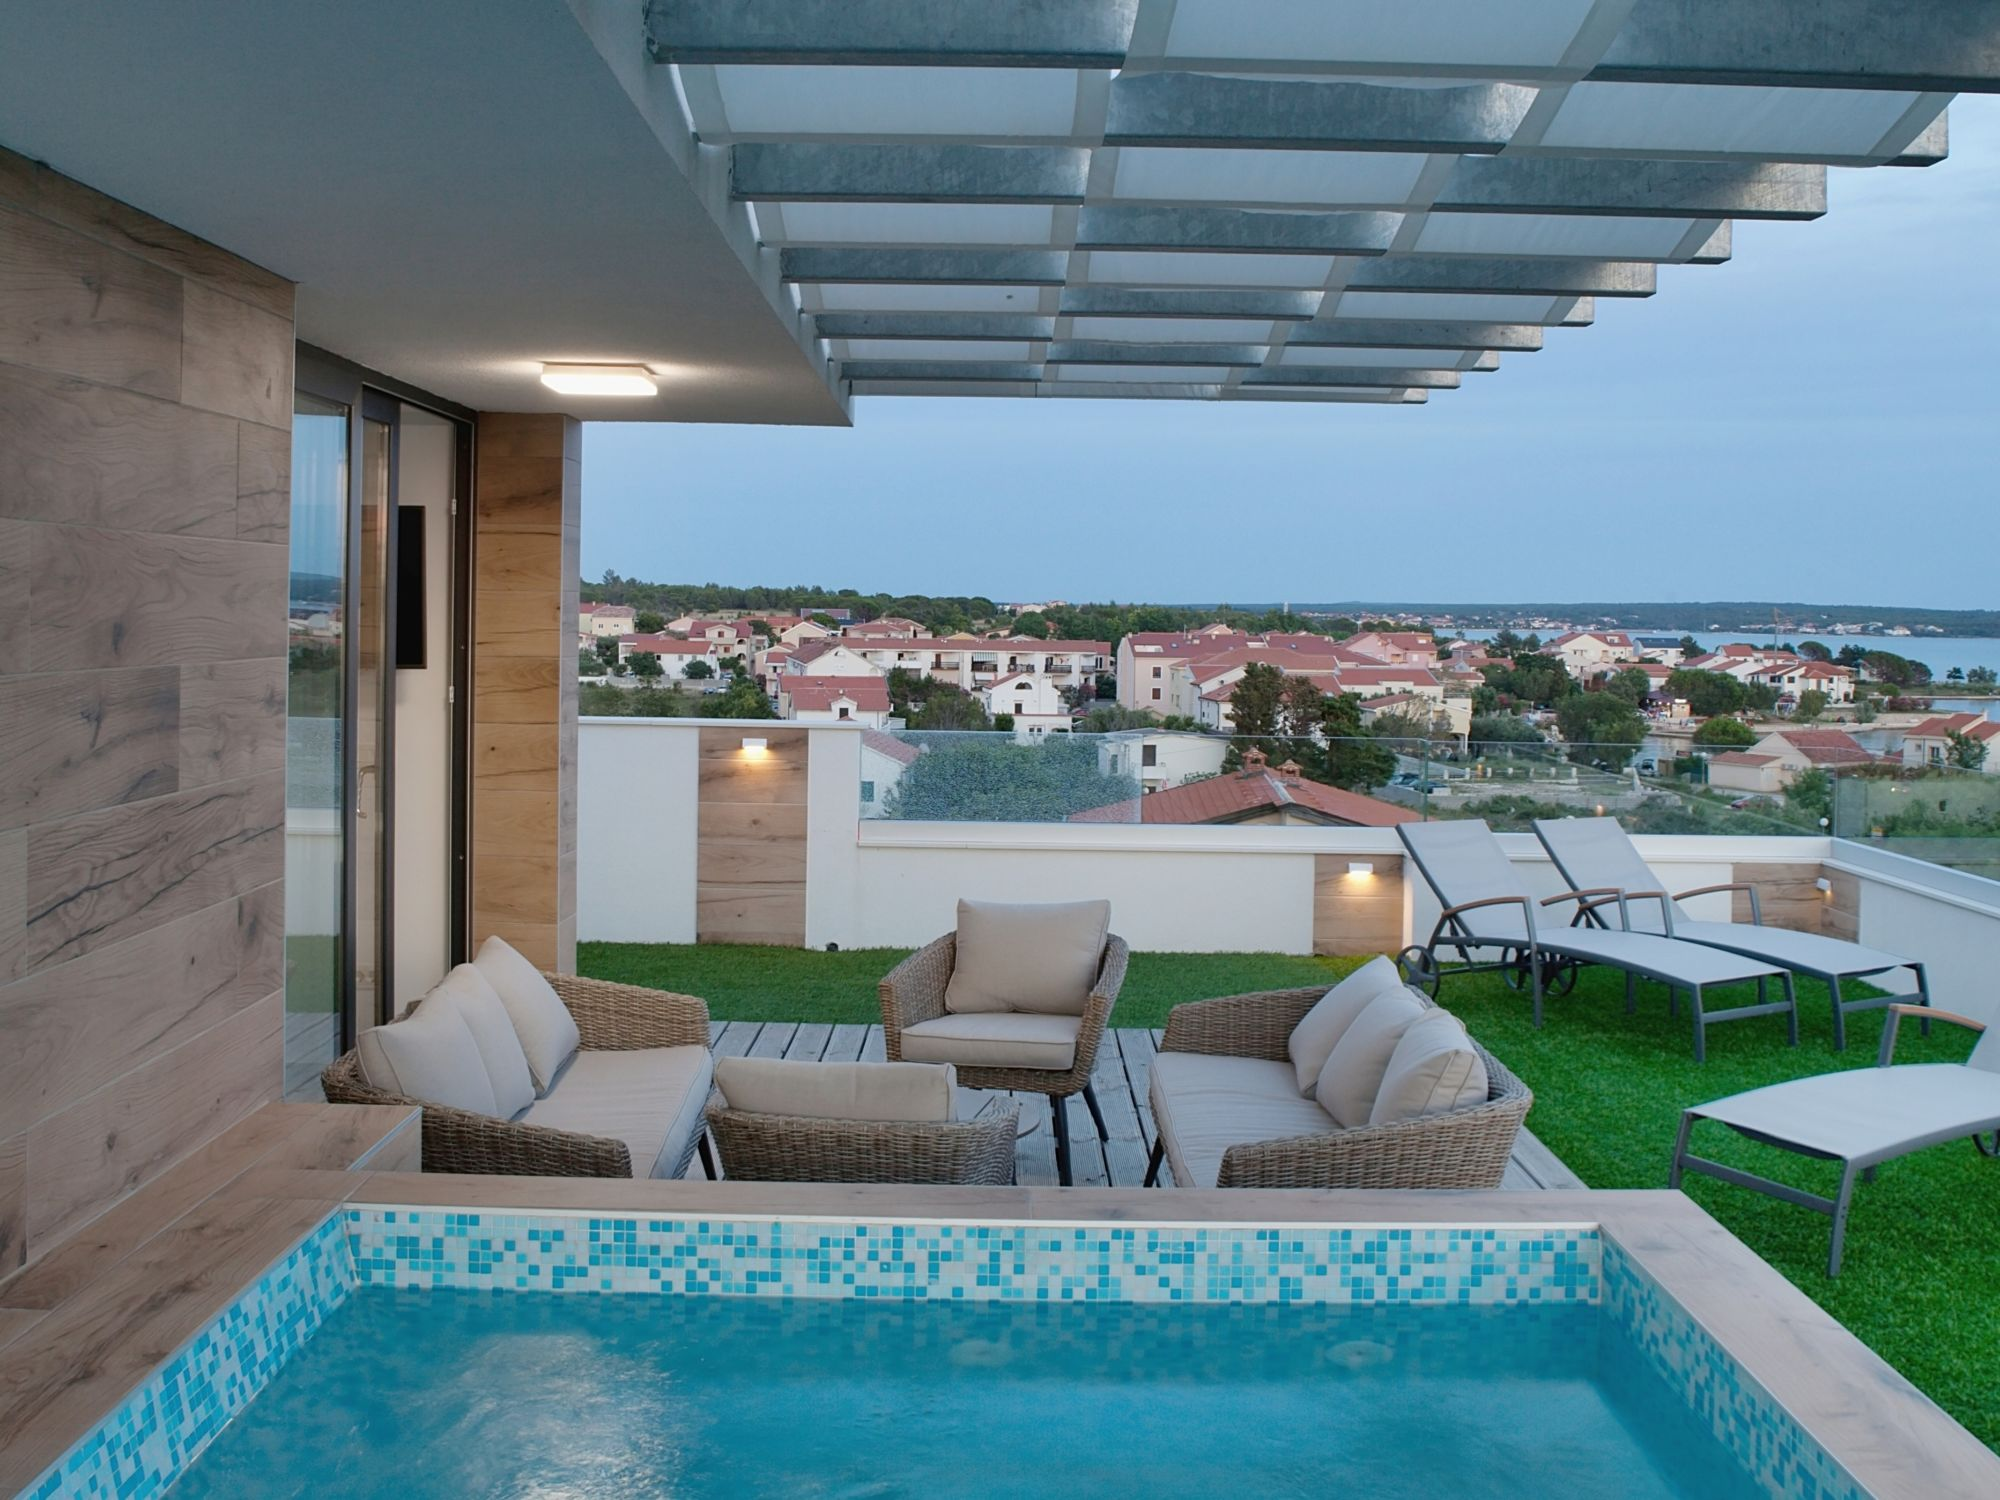 Moderné apartmány dovolenka vChorvátsku